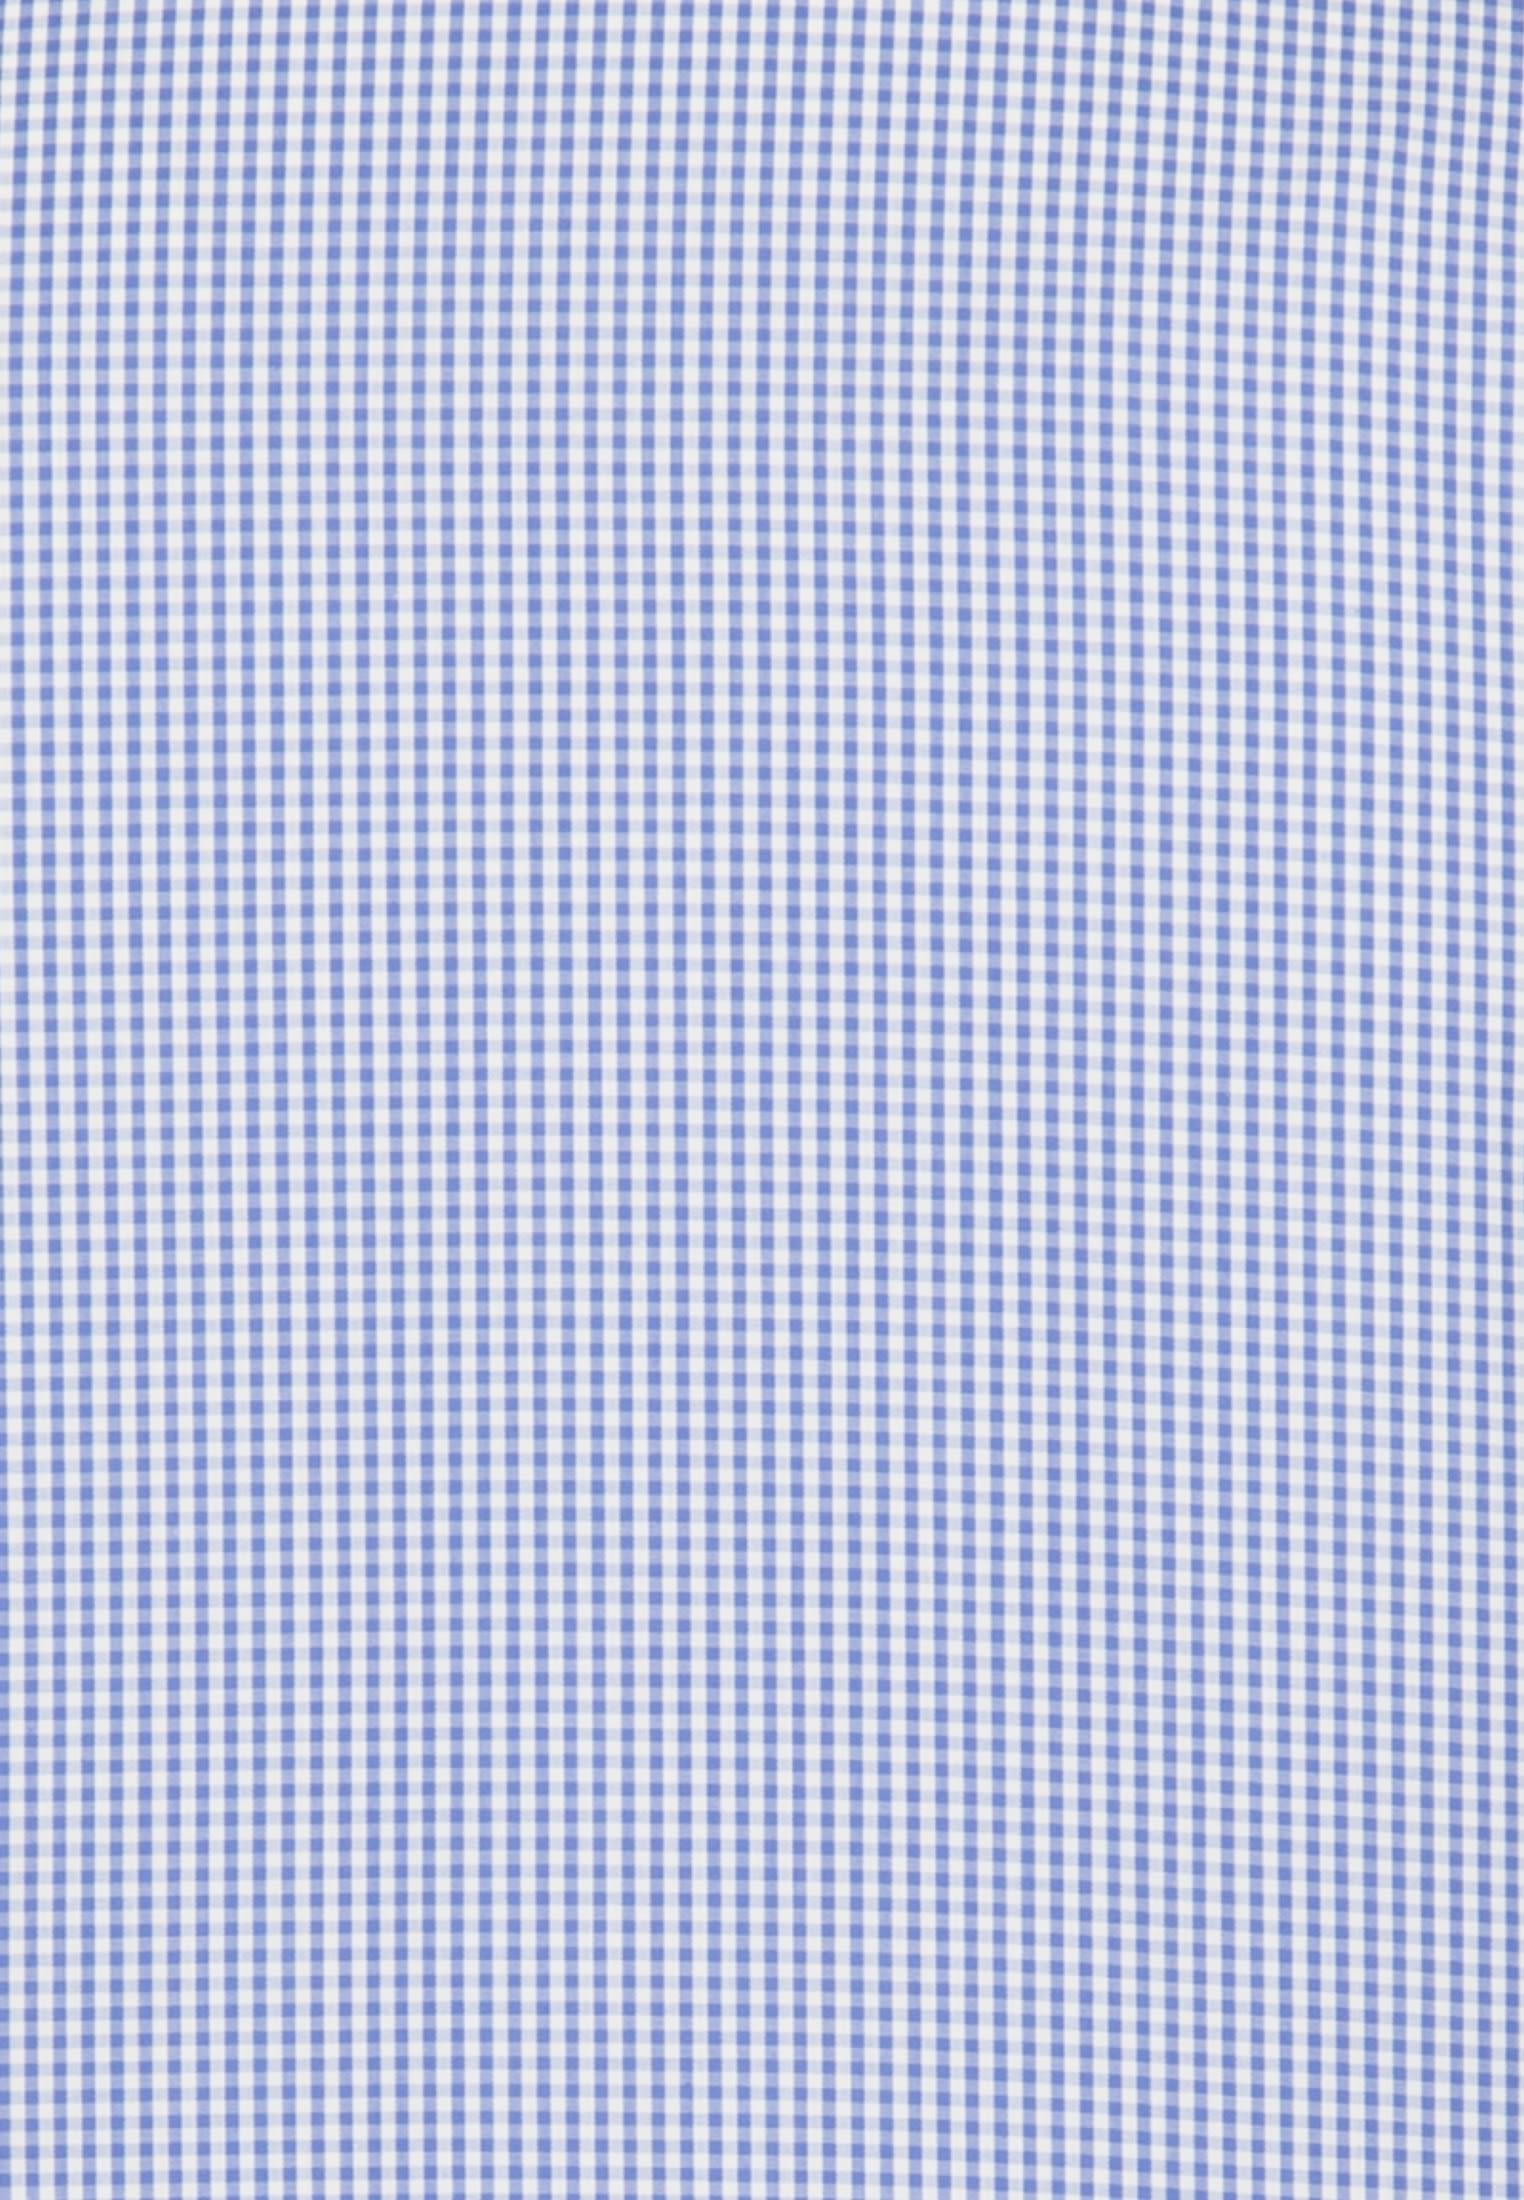 Non-iron Poplin Business Shirt in Tailored with Button-Down-Collar in blau |  Seidensticker Onlineshop